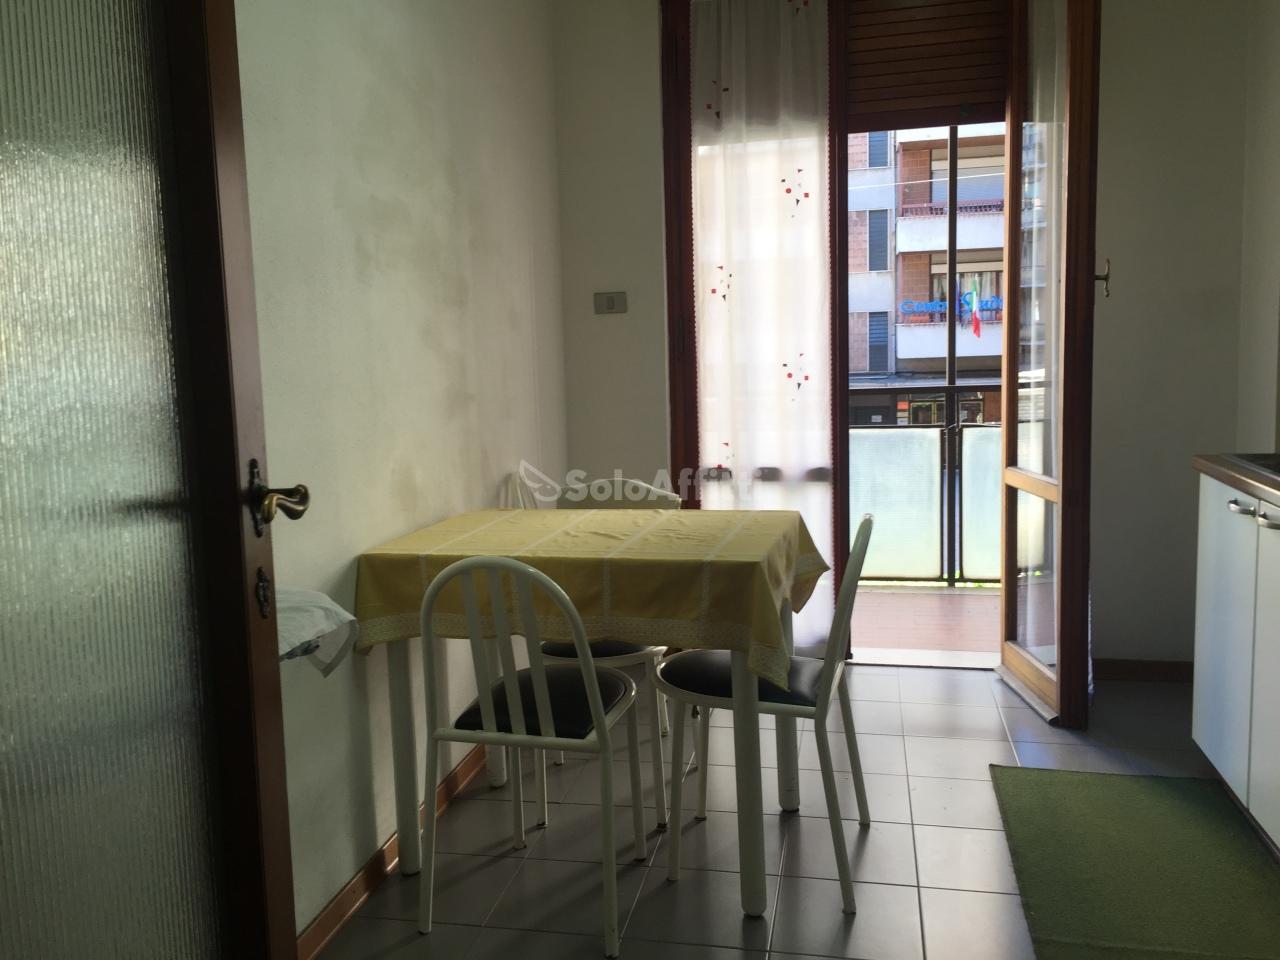 Bilocale Terni Via Luigi Galvani 12